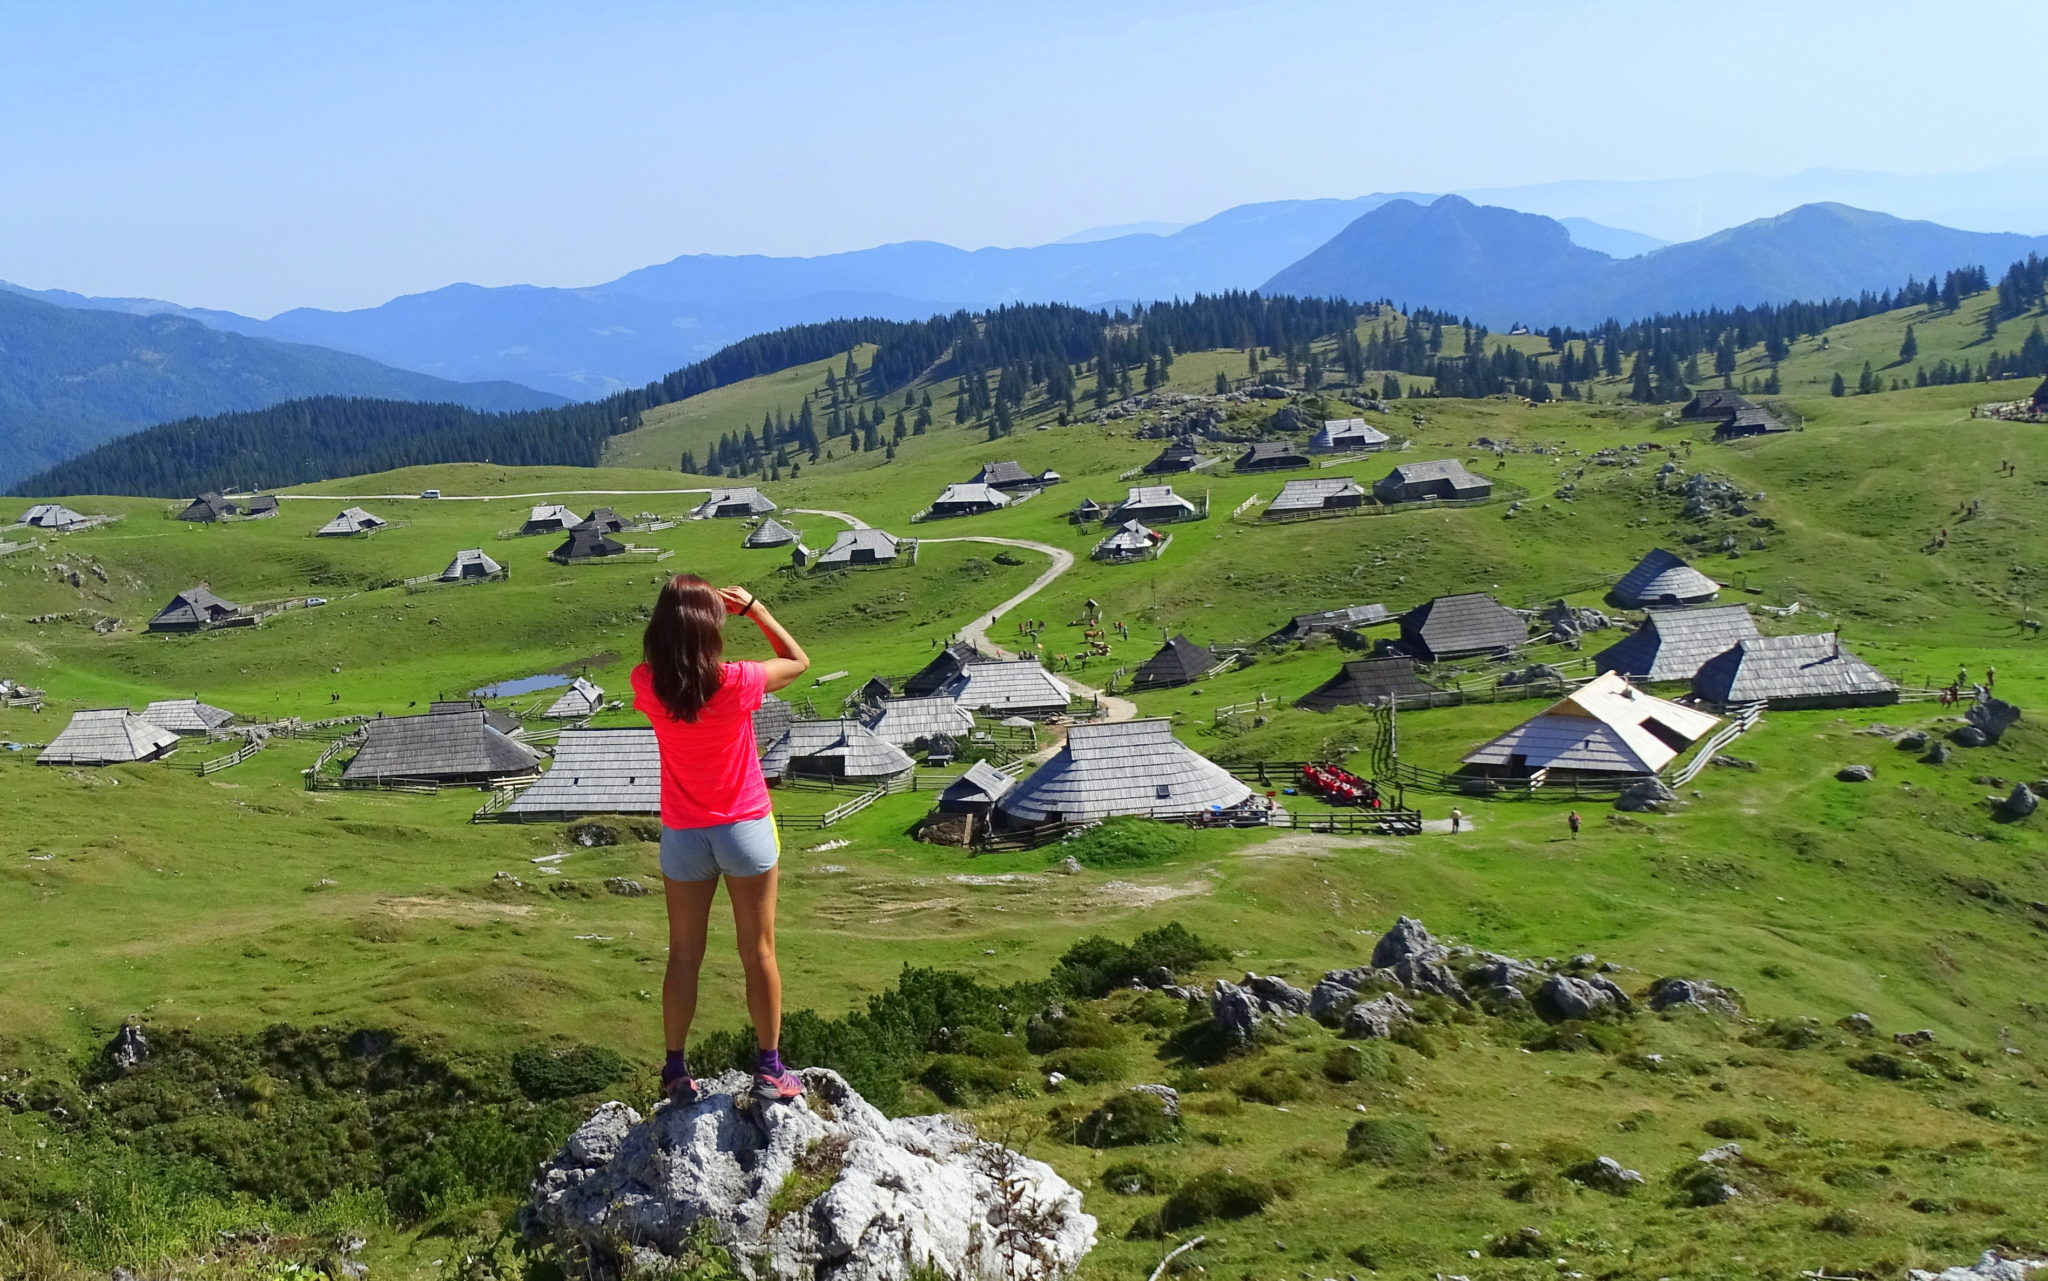 The old shepherds' settlement on Velika Planina, Central Slovenia